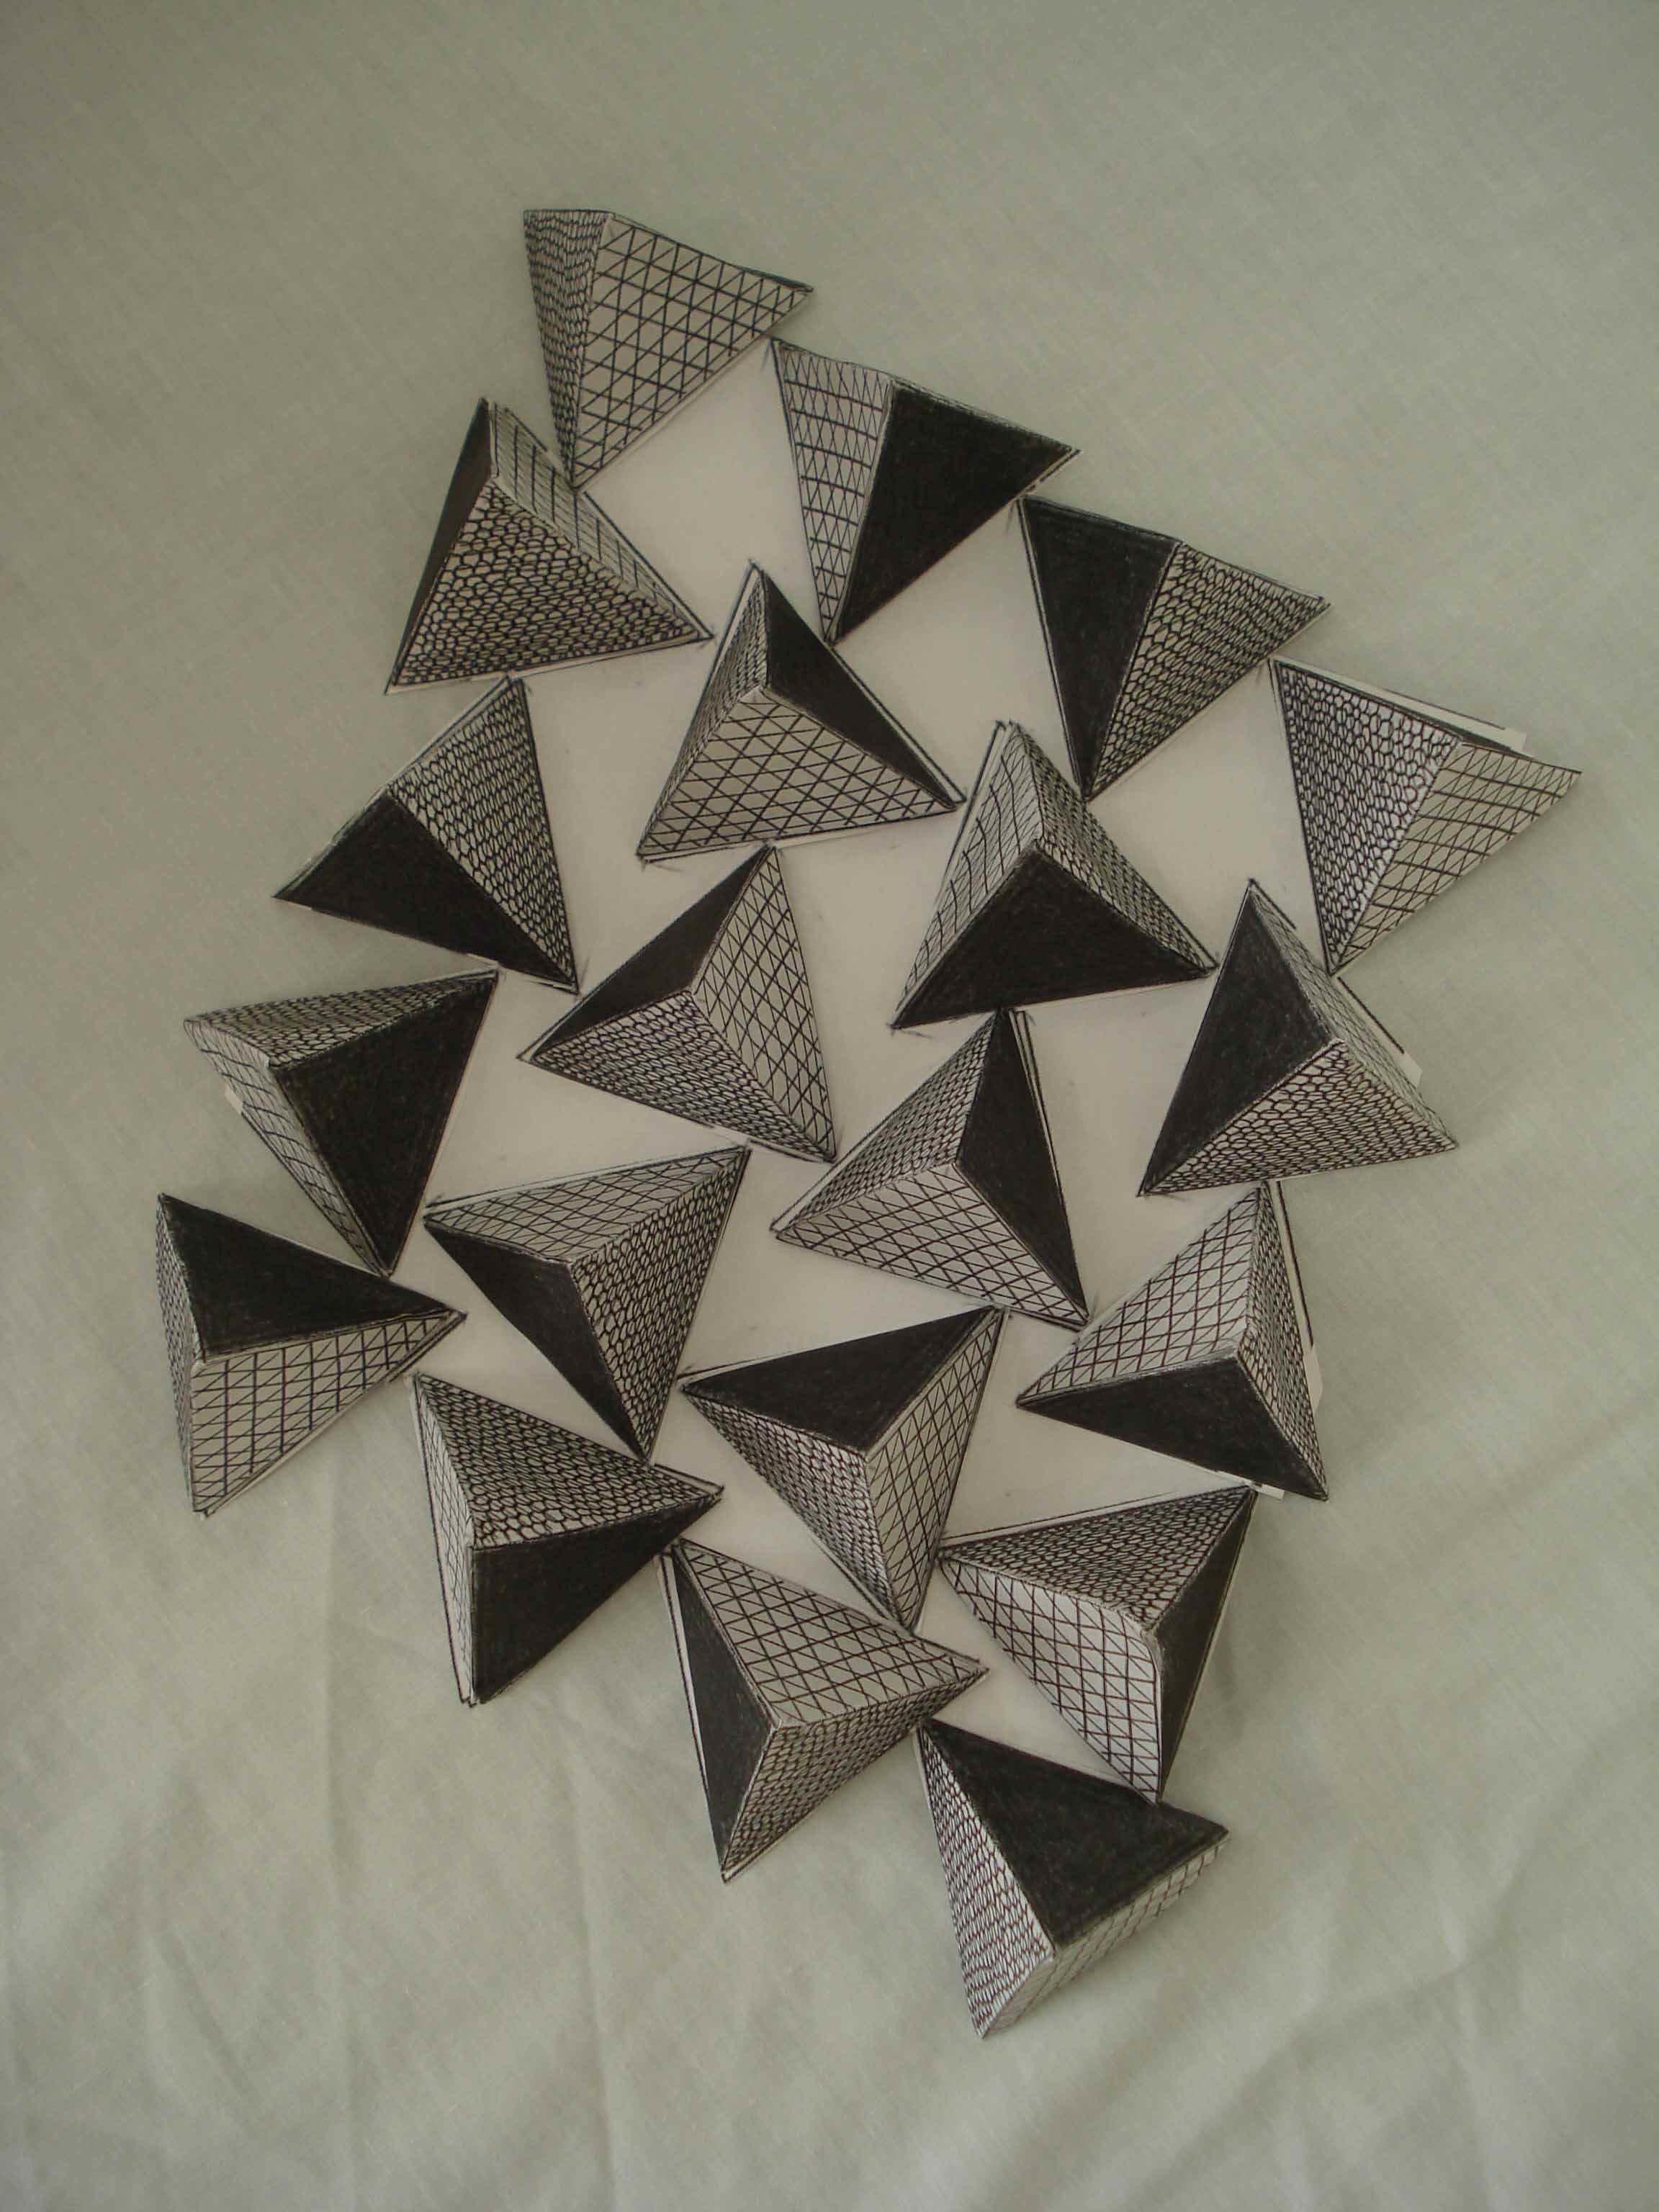 Tumbling tetrahedra, detail